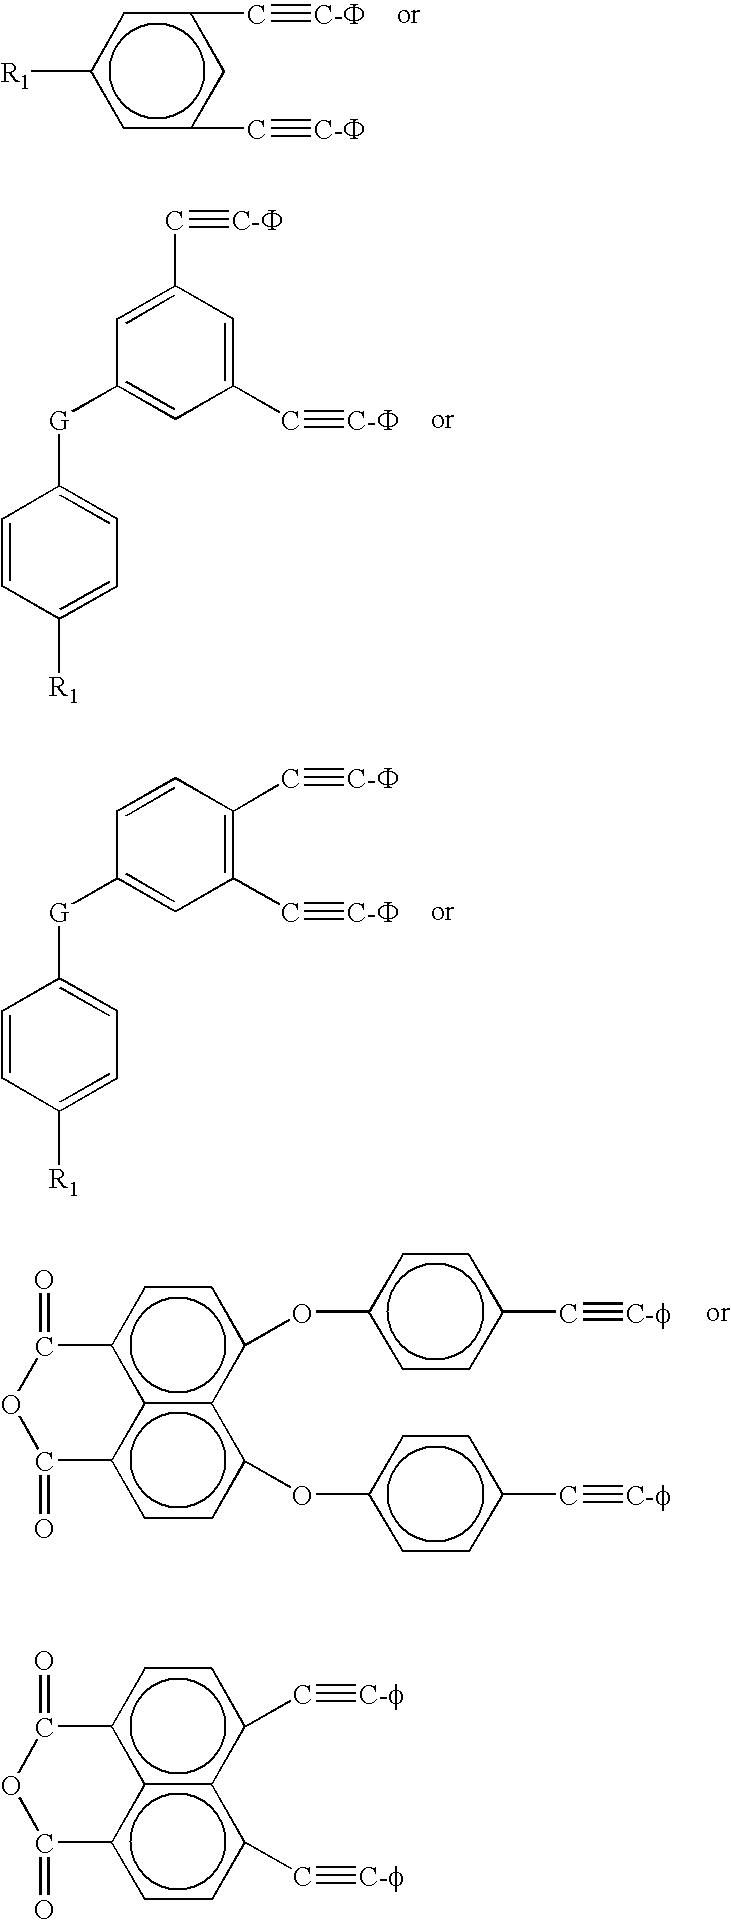 Figure US20100204412A1-20100812-C00043